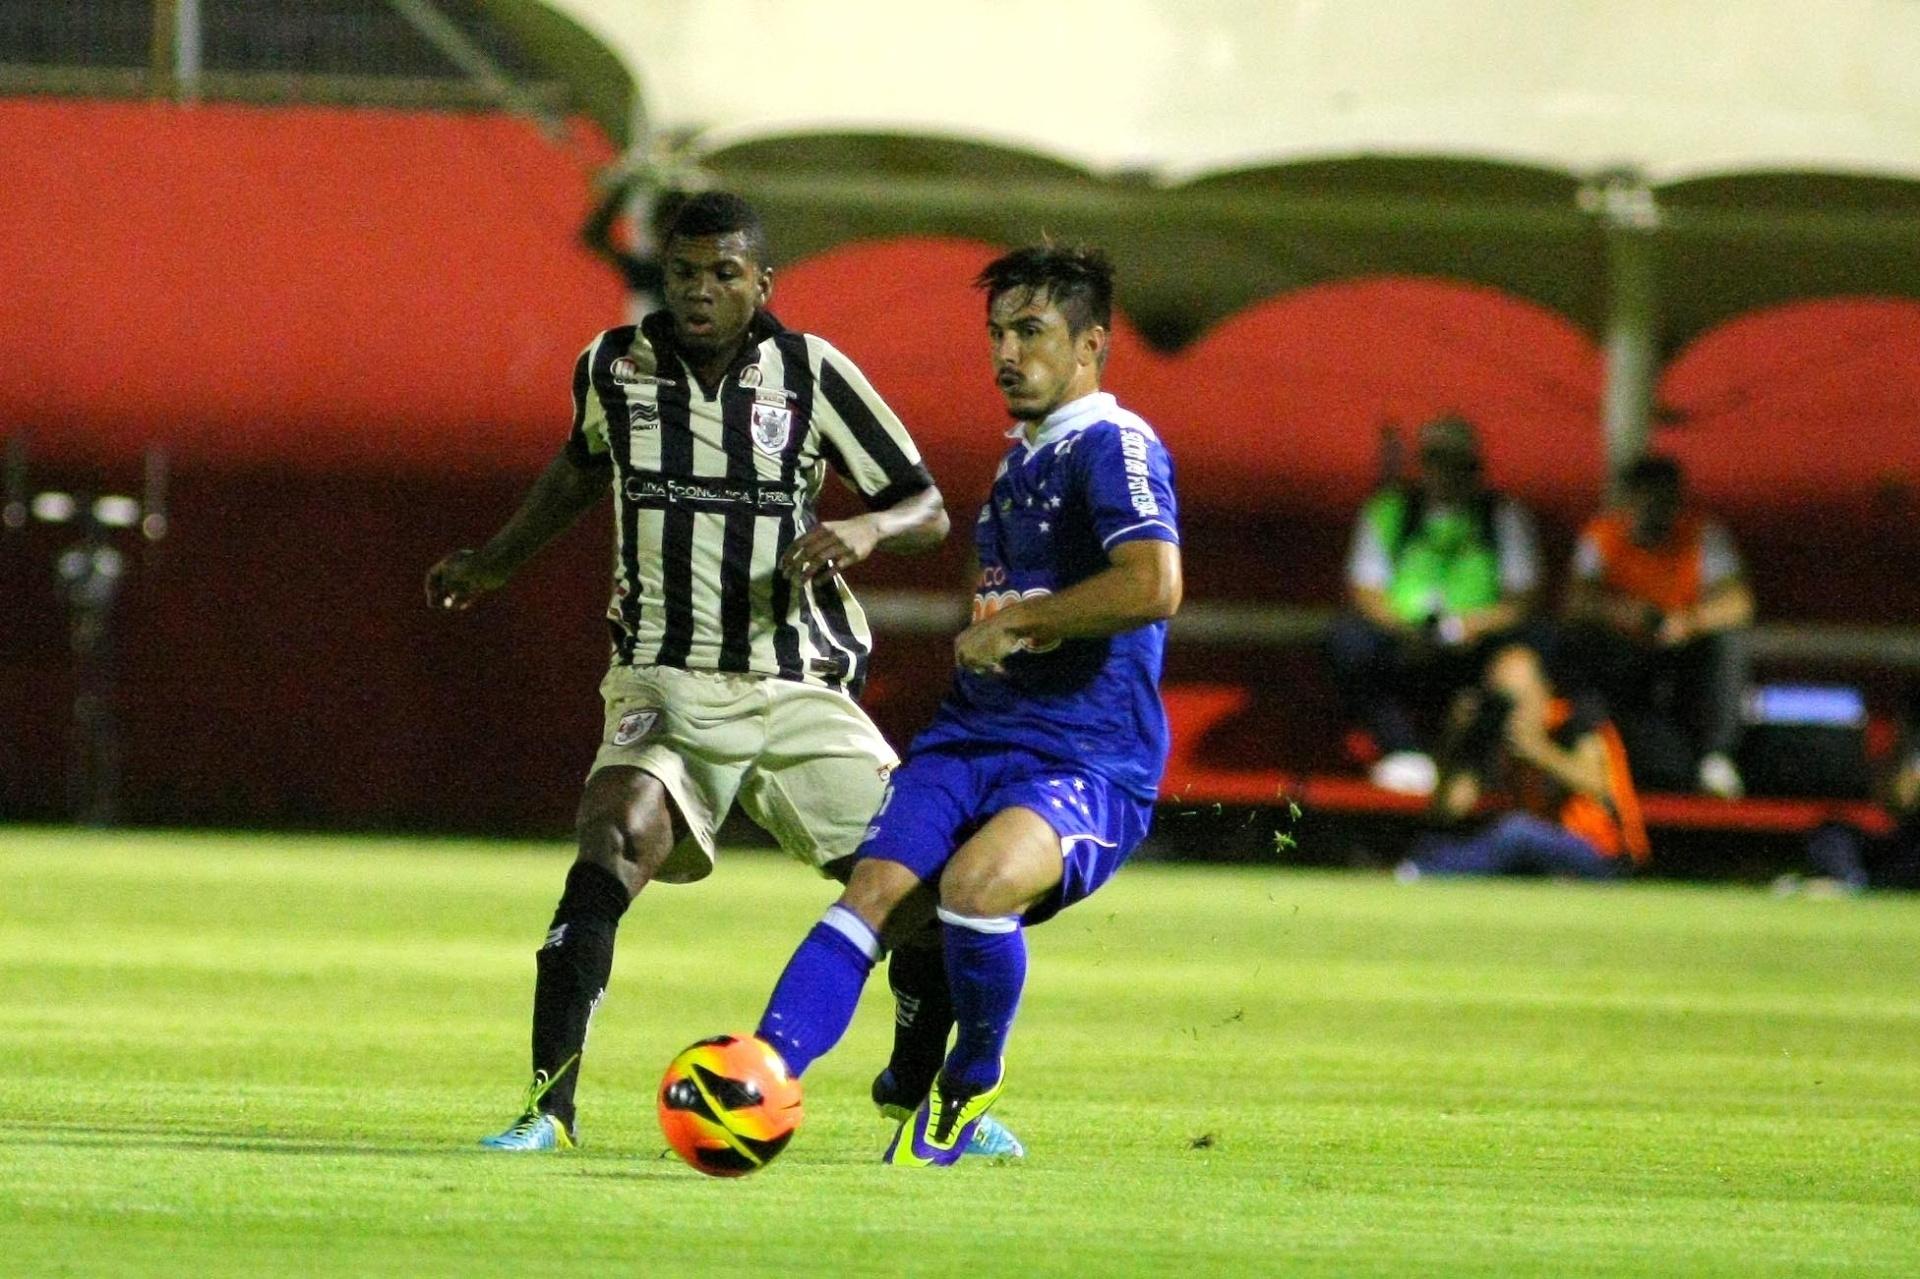 Willian, atacante do Cruzeiro, passa a bola durante jogo contra o Vitória - 13.nov.2013